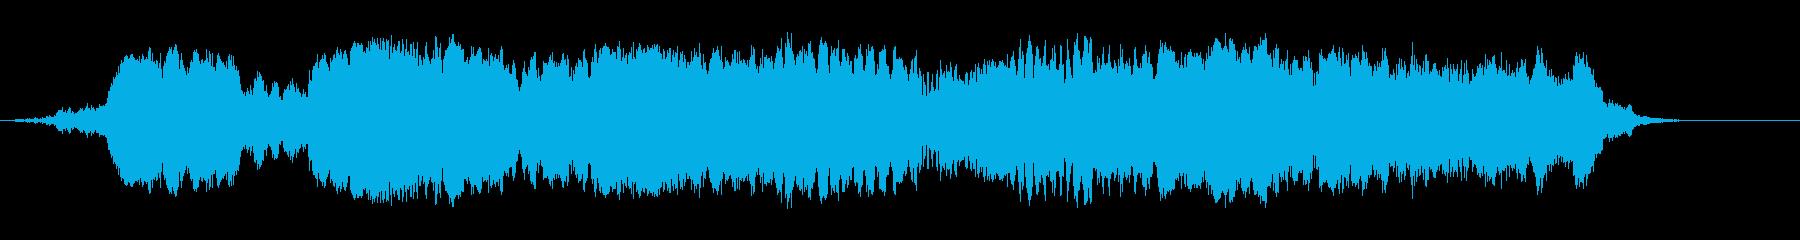 重金属スクレイピング鳴きの再生済みの波形